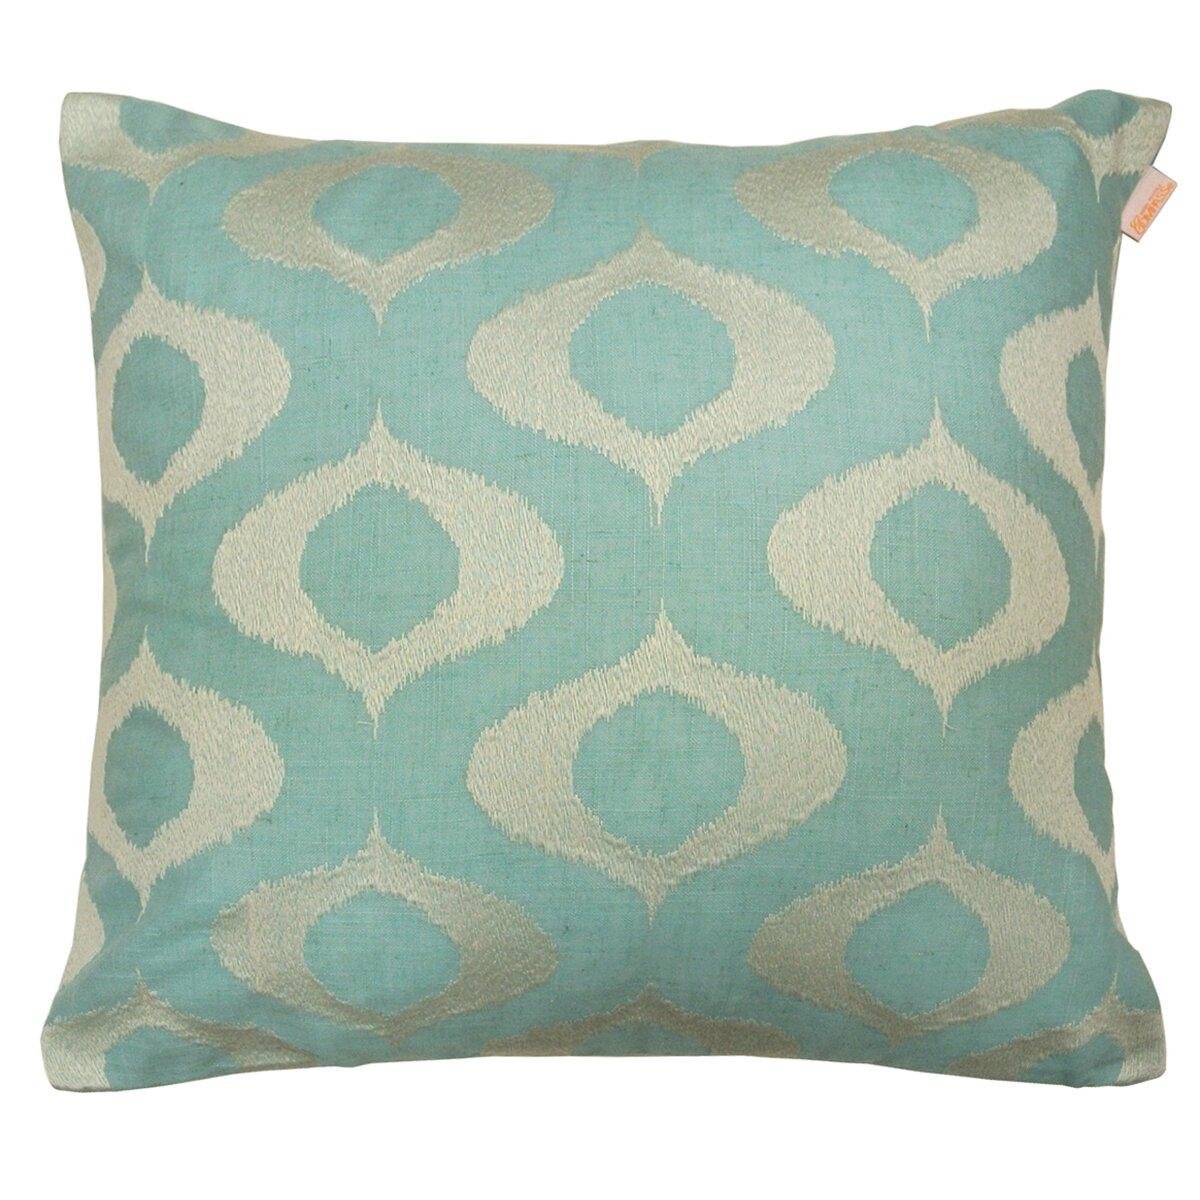 Artistic Linen Tyra Embroidered Decorative Linen-blend Throw Pillow & Reviews Wayfair